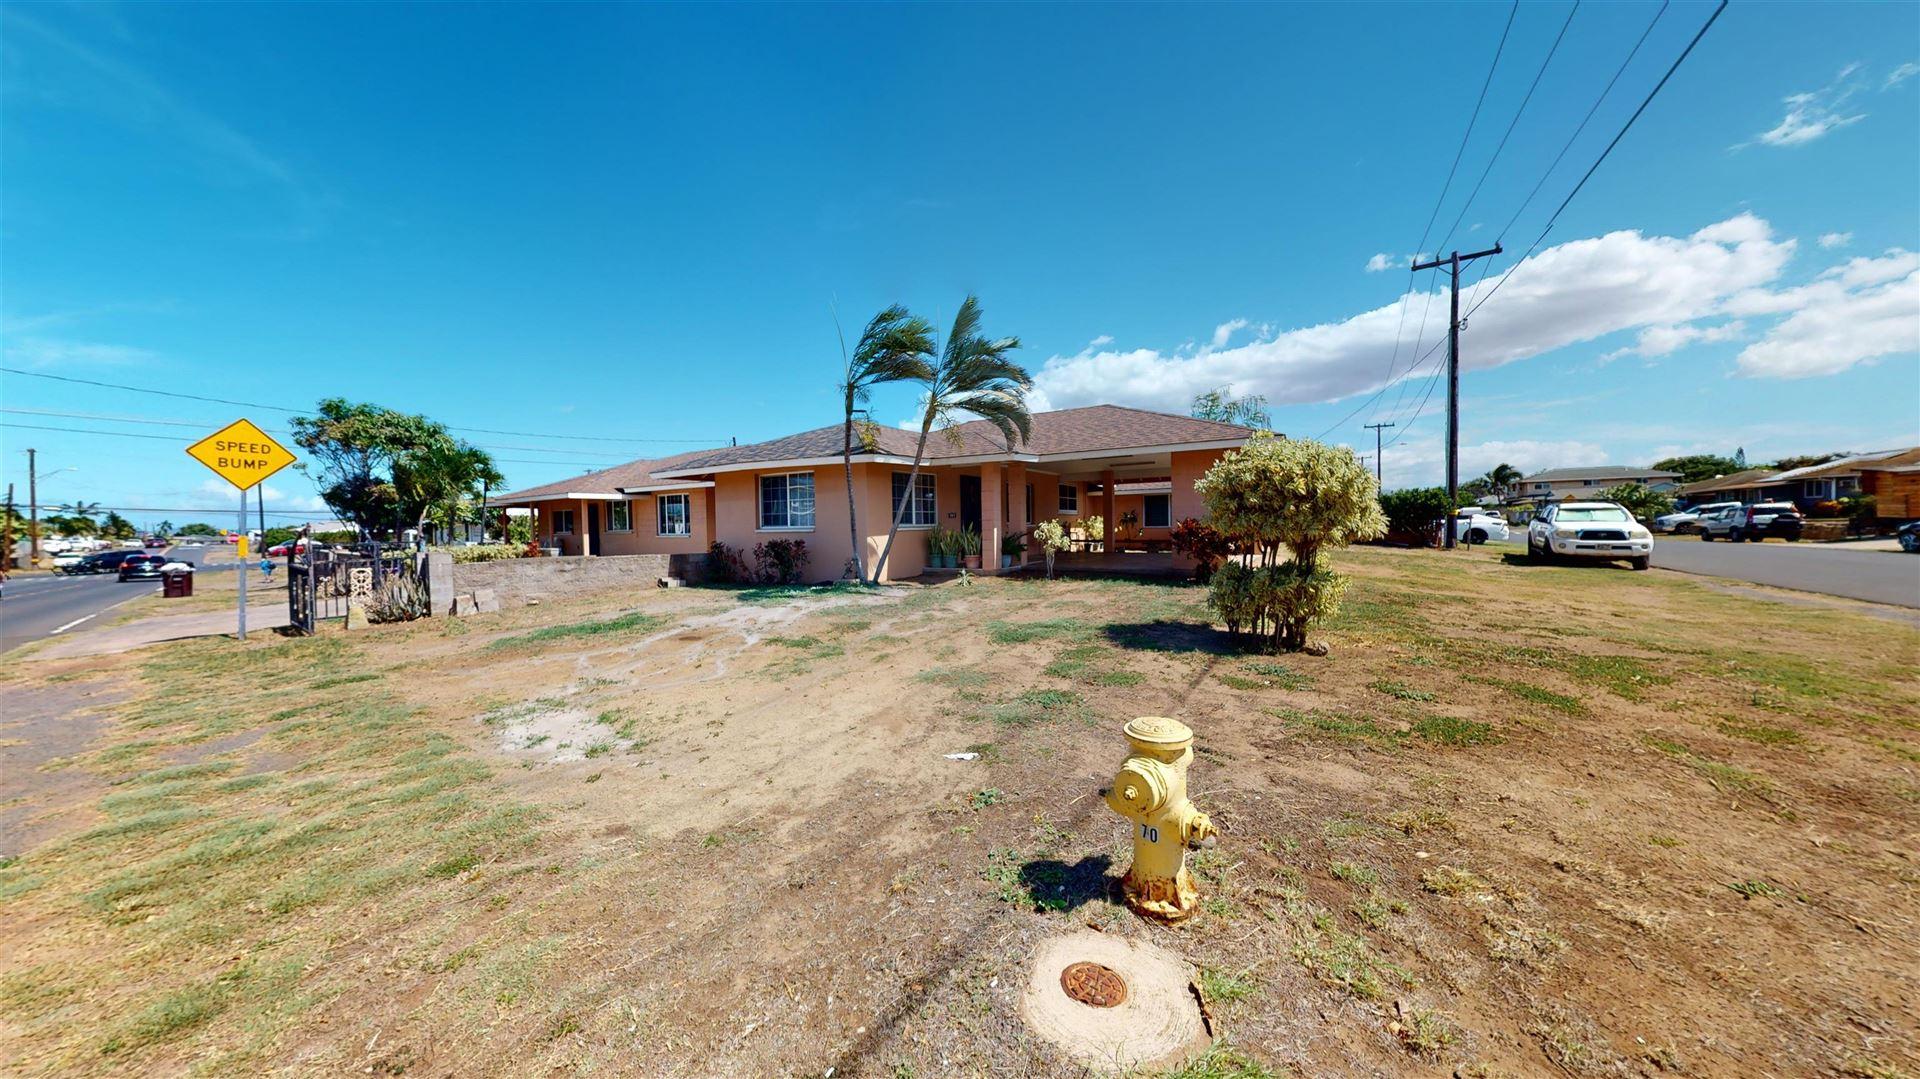 Photo of 367 Kahiki St, Kahului, HI 96732-2804 (MLS # 393074)